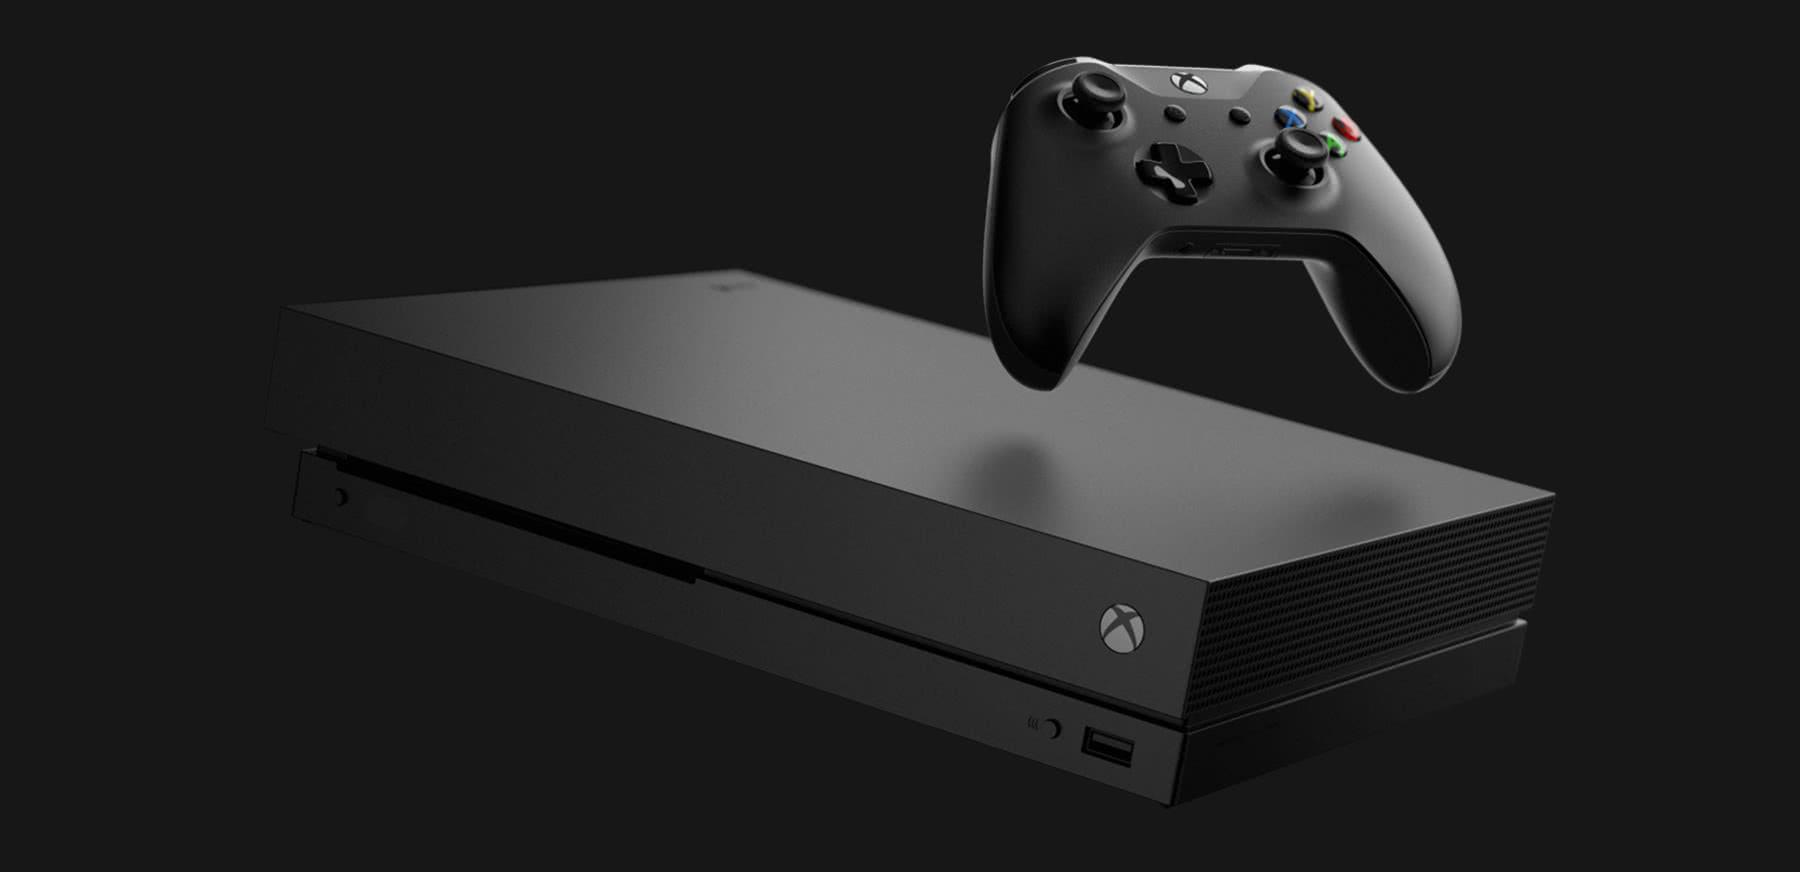 f4f8fe89af5 Xbox One X black.